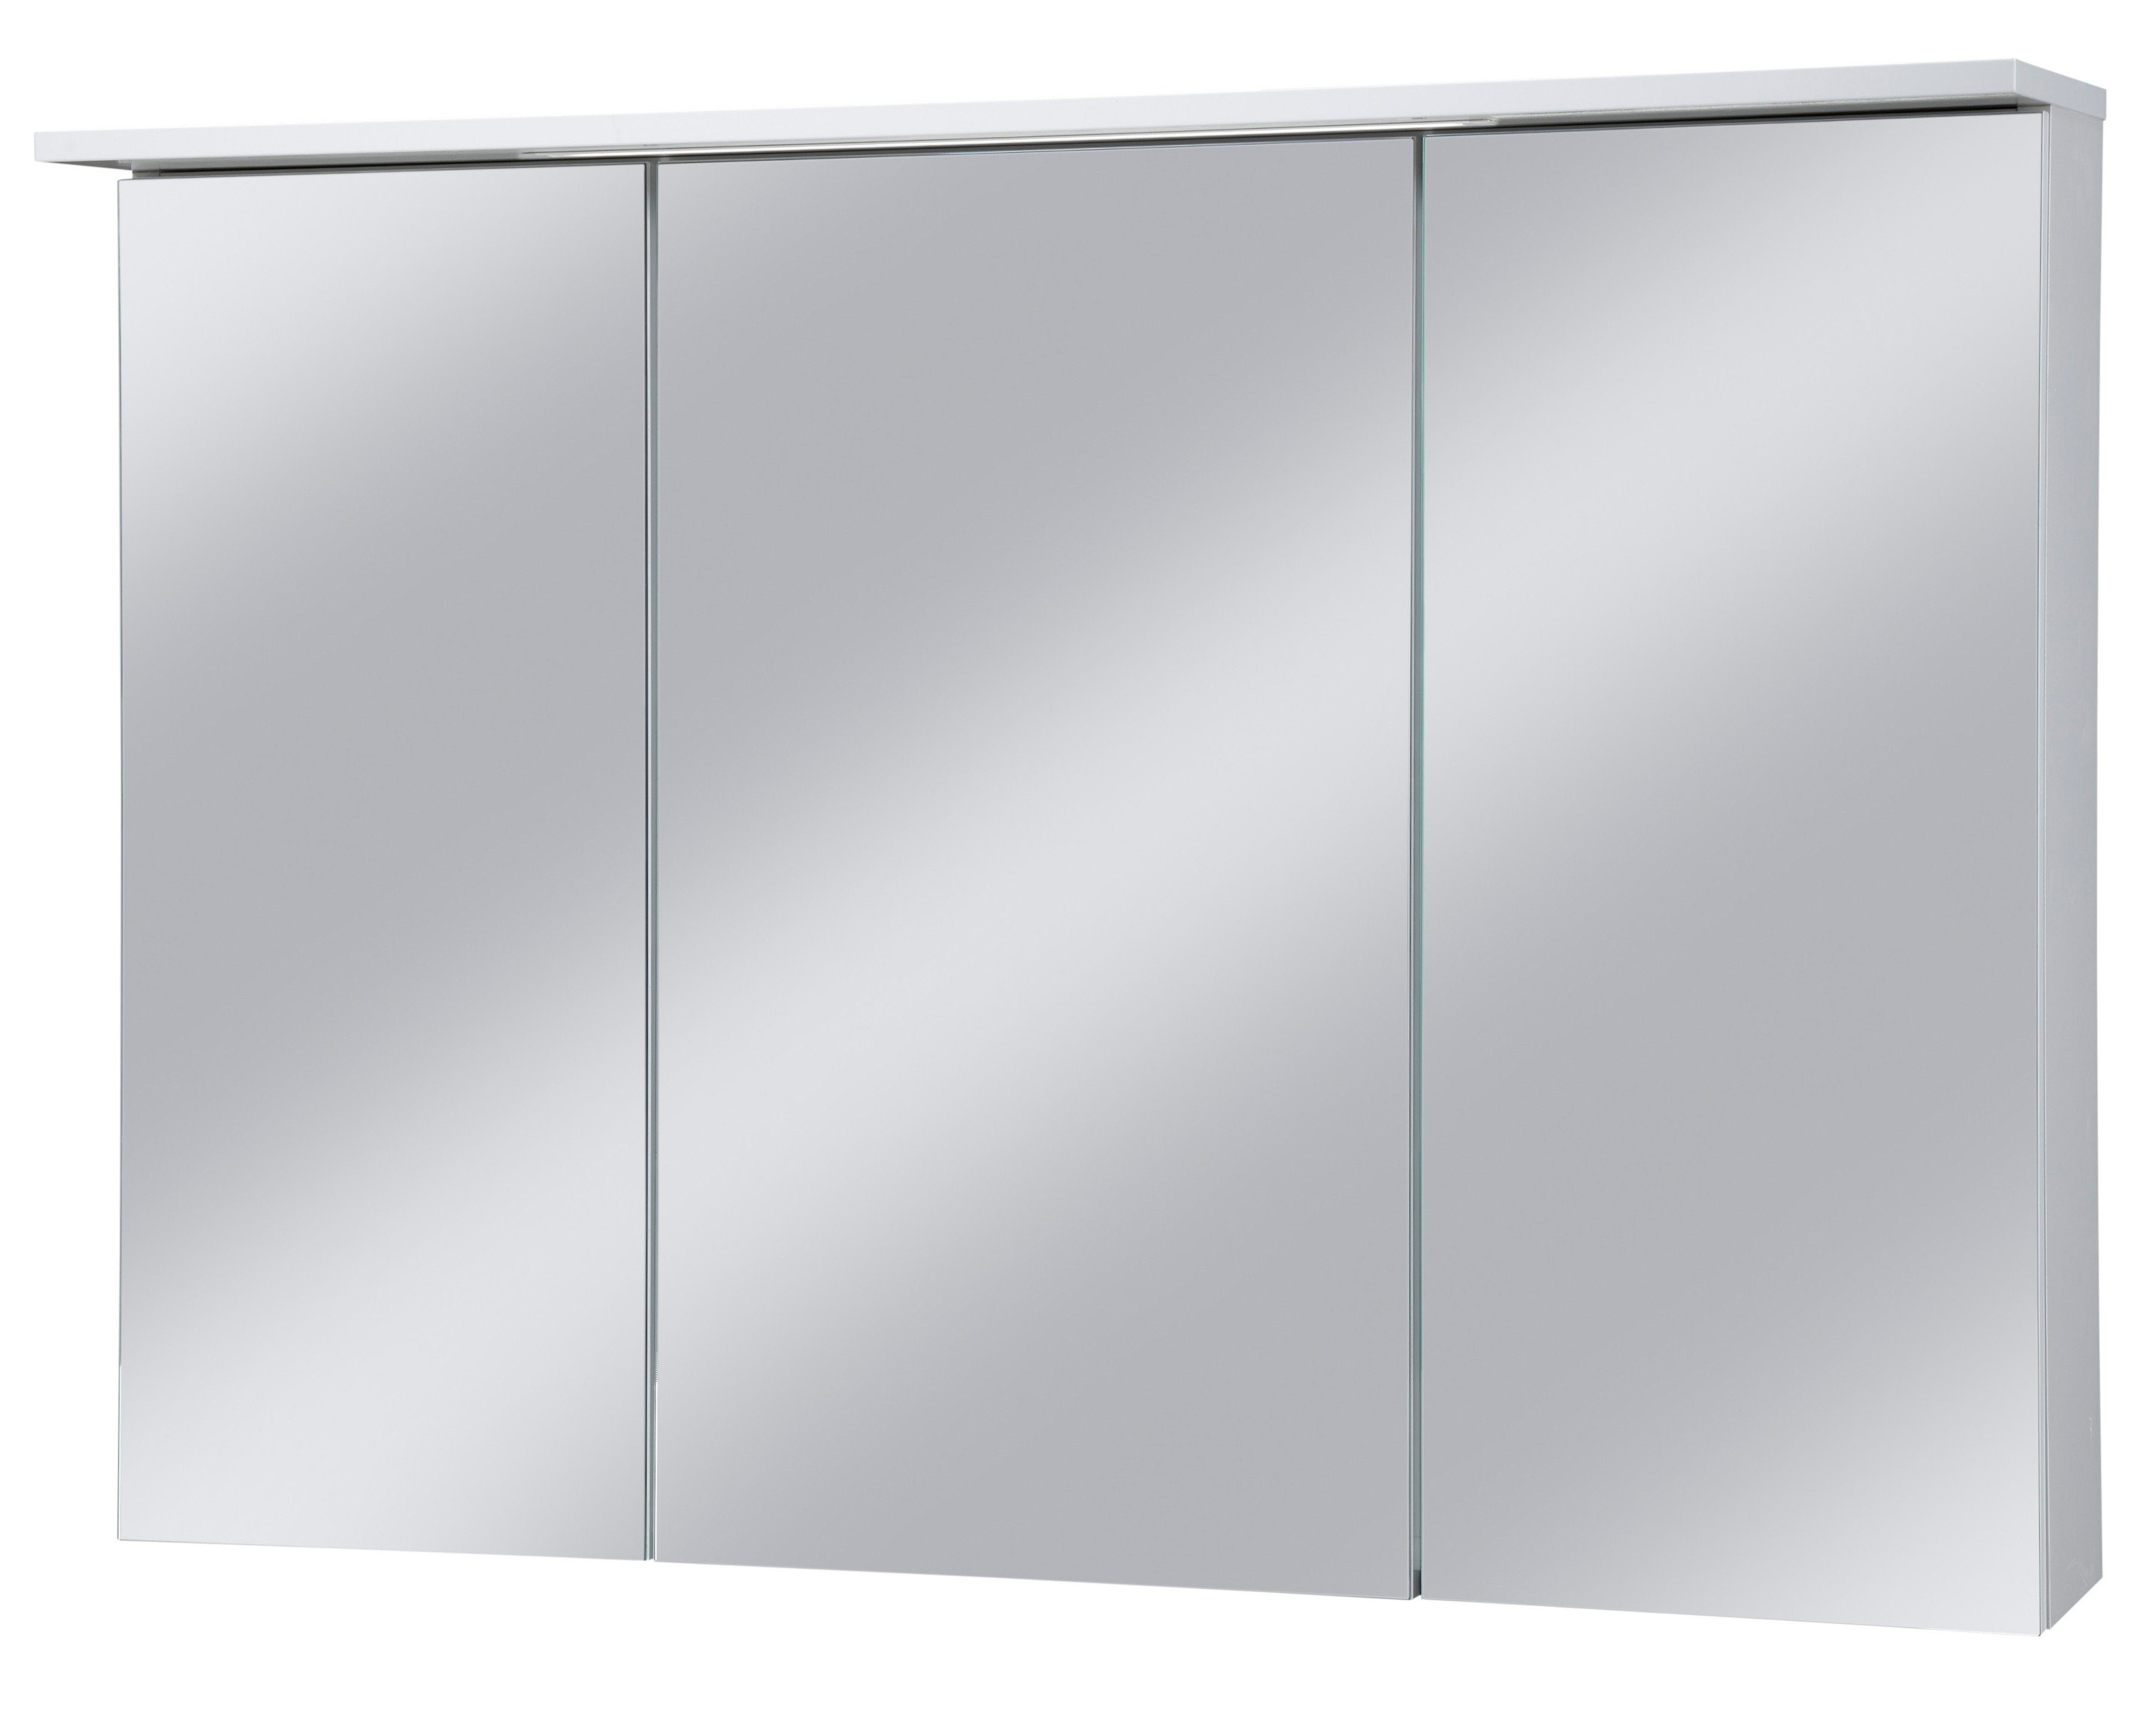 SCHILDMEYER Spiegelschrank »Profil«, Breite 100 cm